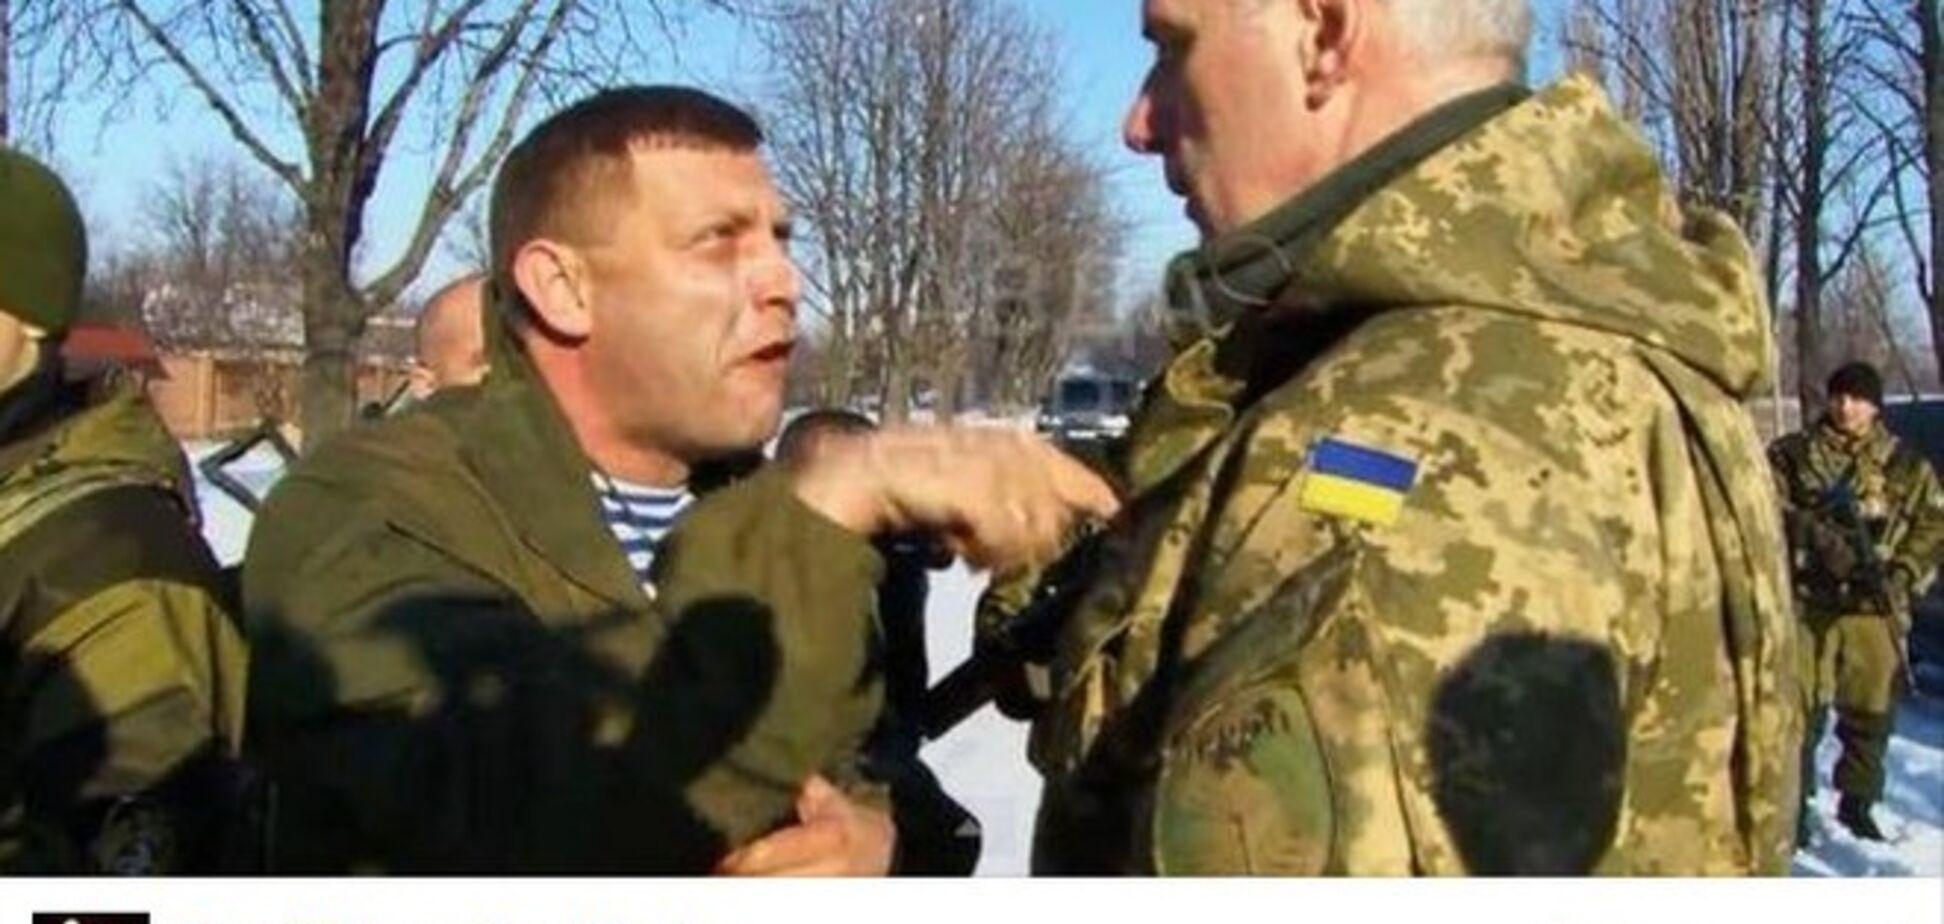 Захарченко, що нахамив українській офіцеру, став мавпою і півнем: фотожаби